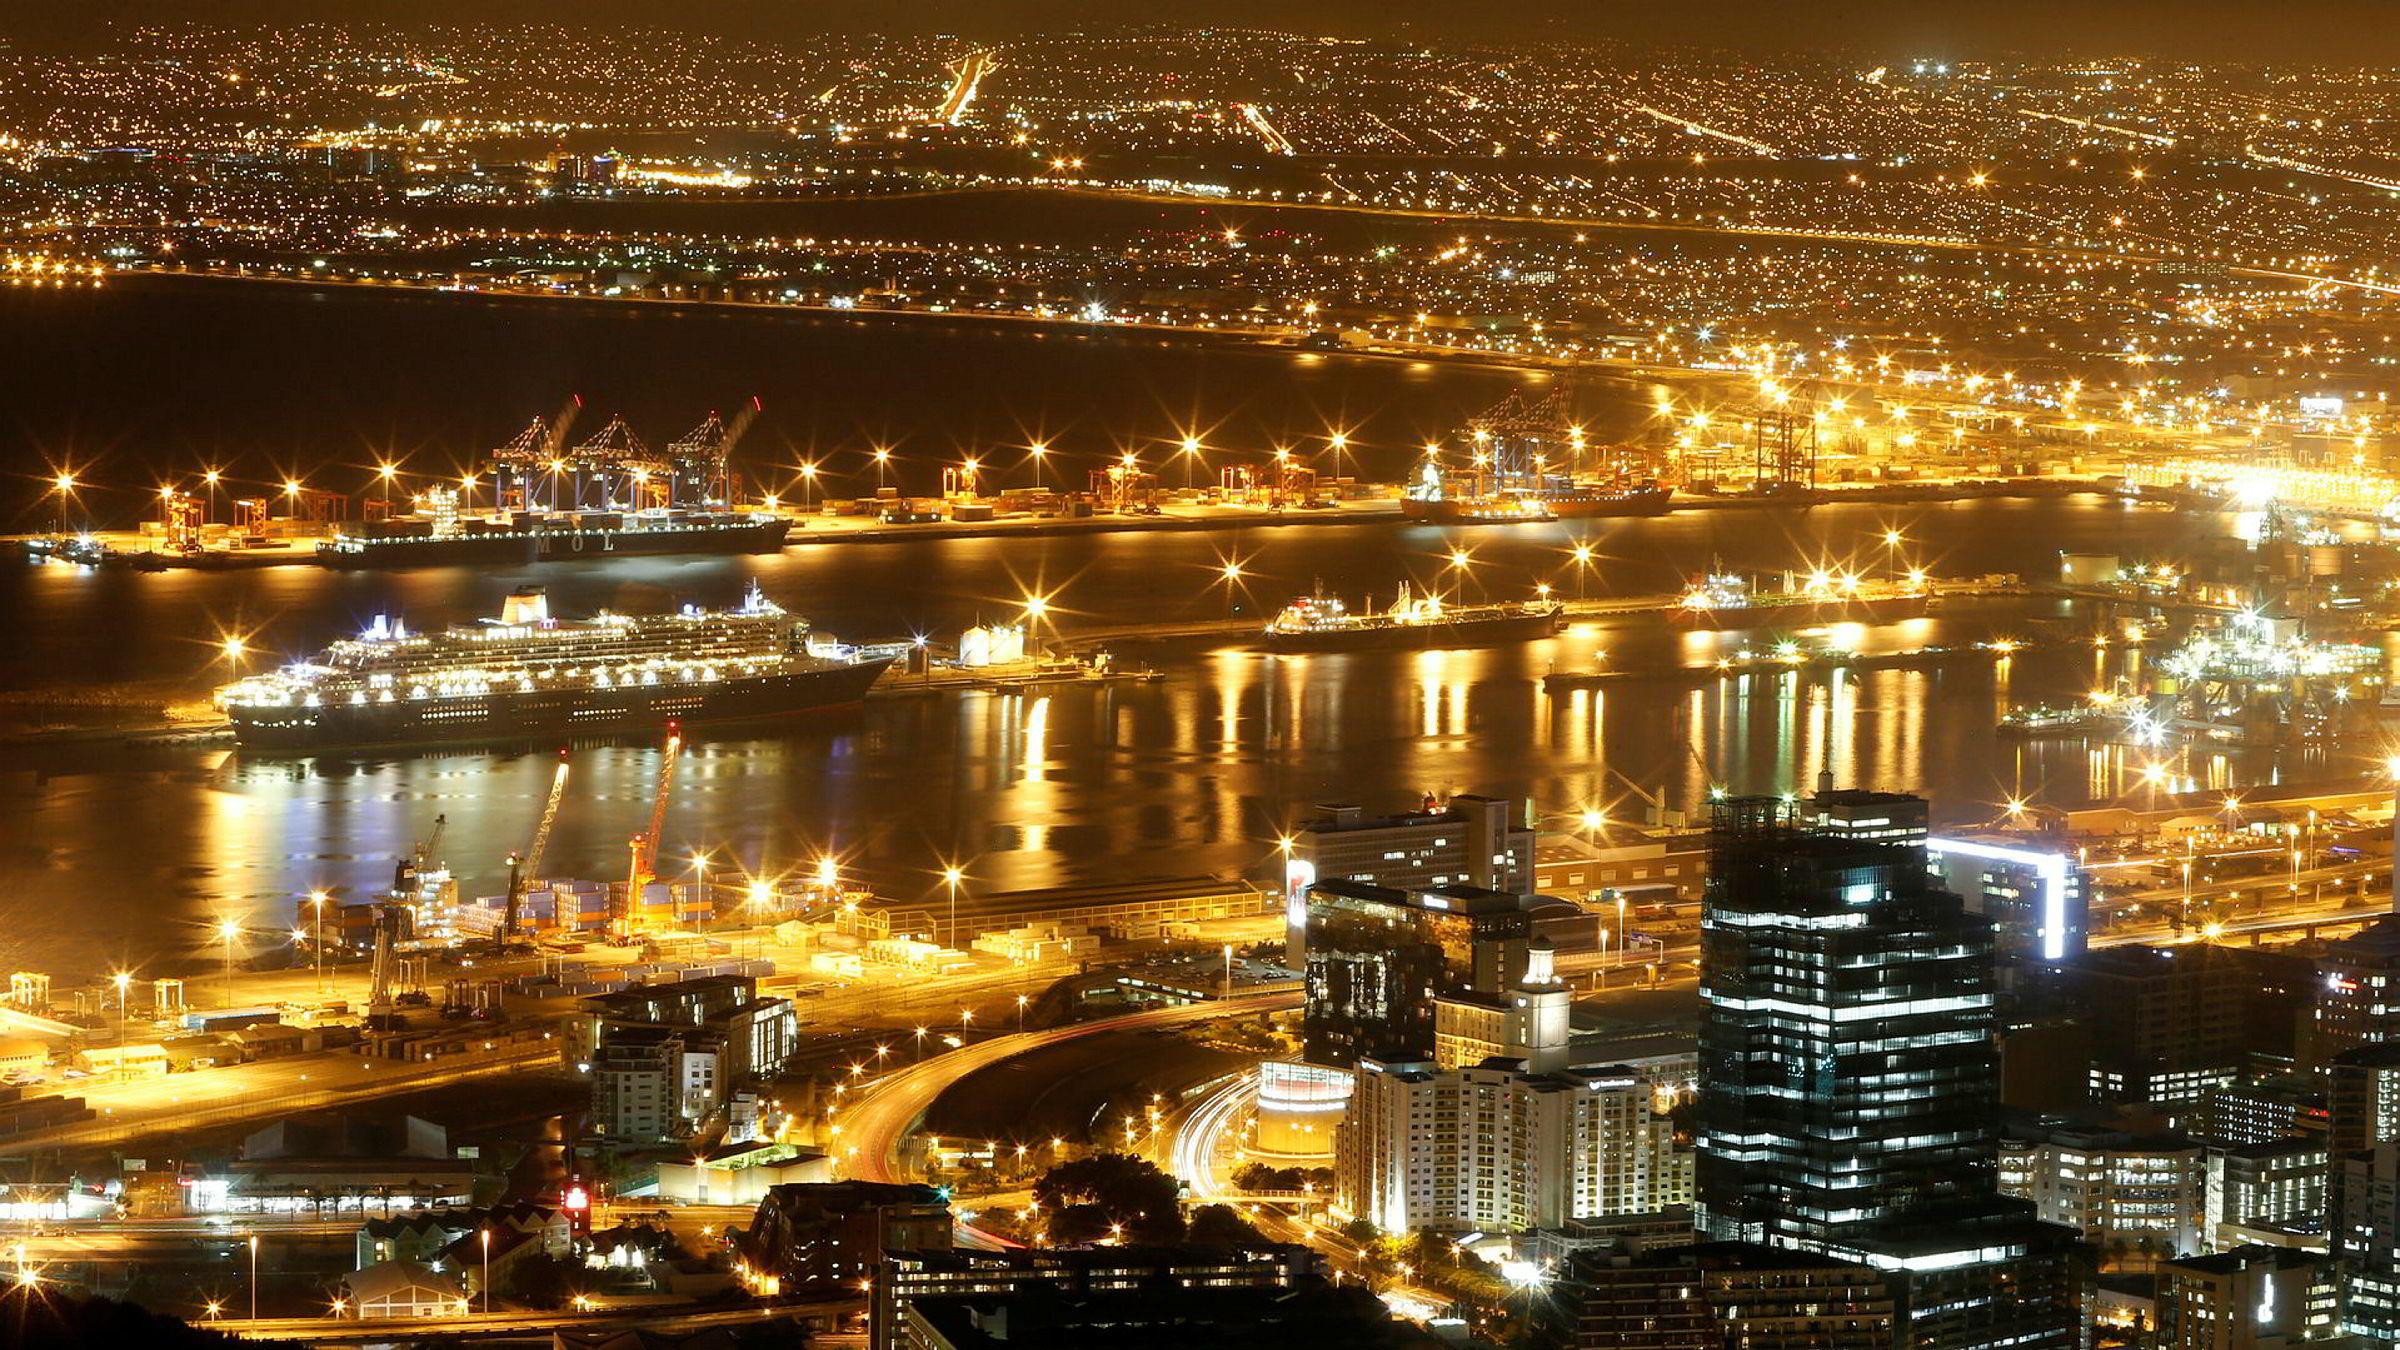 Cape Town er i ferd med å miste vannforsyningen på grunn av årelang tørke. Bildet viser havnen i millionbyen.